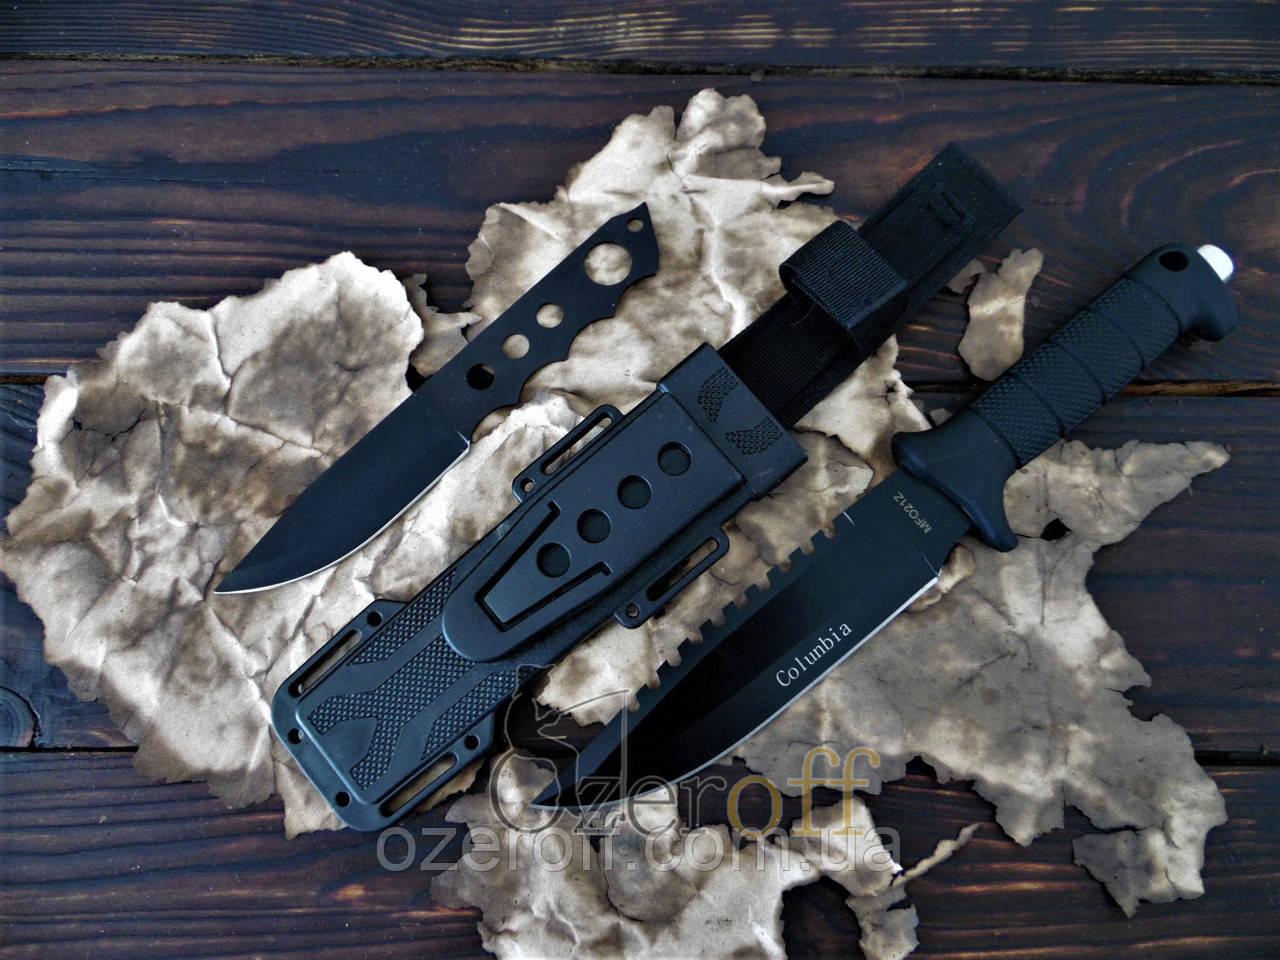 Тактичний ніж Colunbia Рембо 2 з чохлом